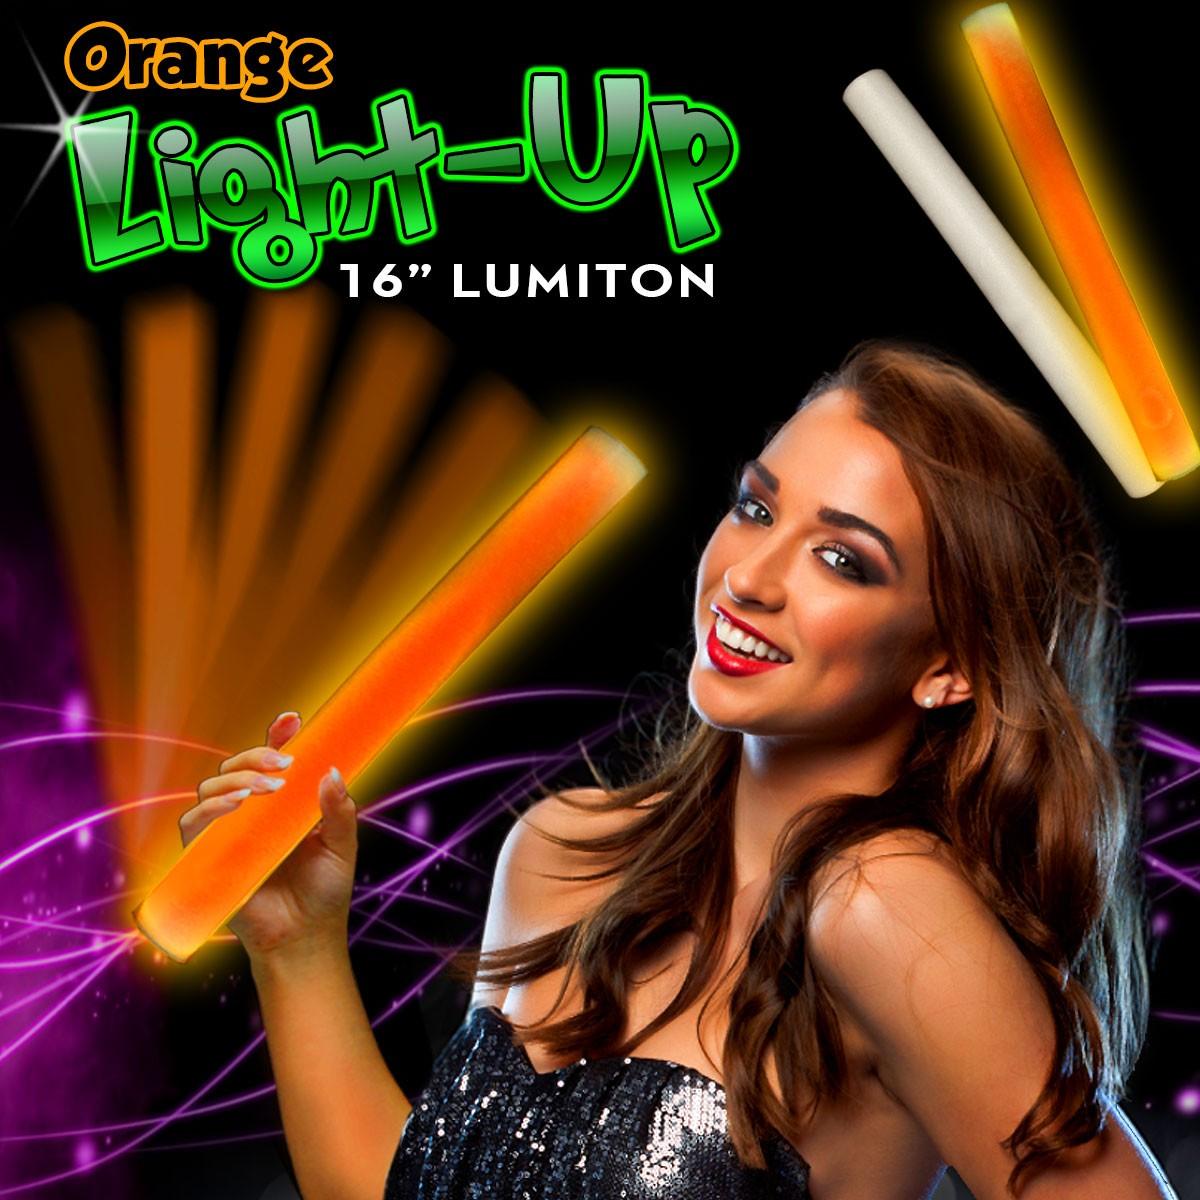 LUMI-TON WORANGE LEDS-3 FUNC